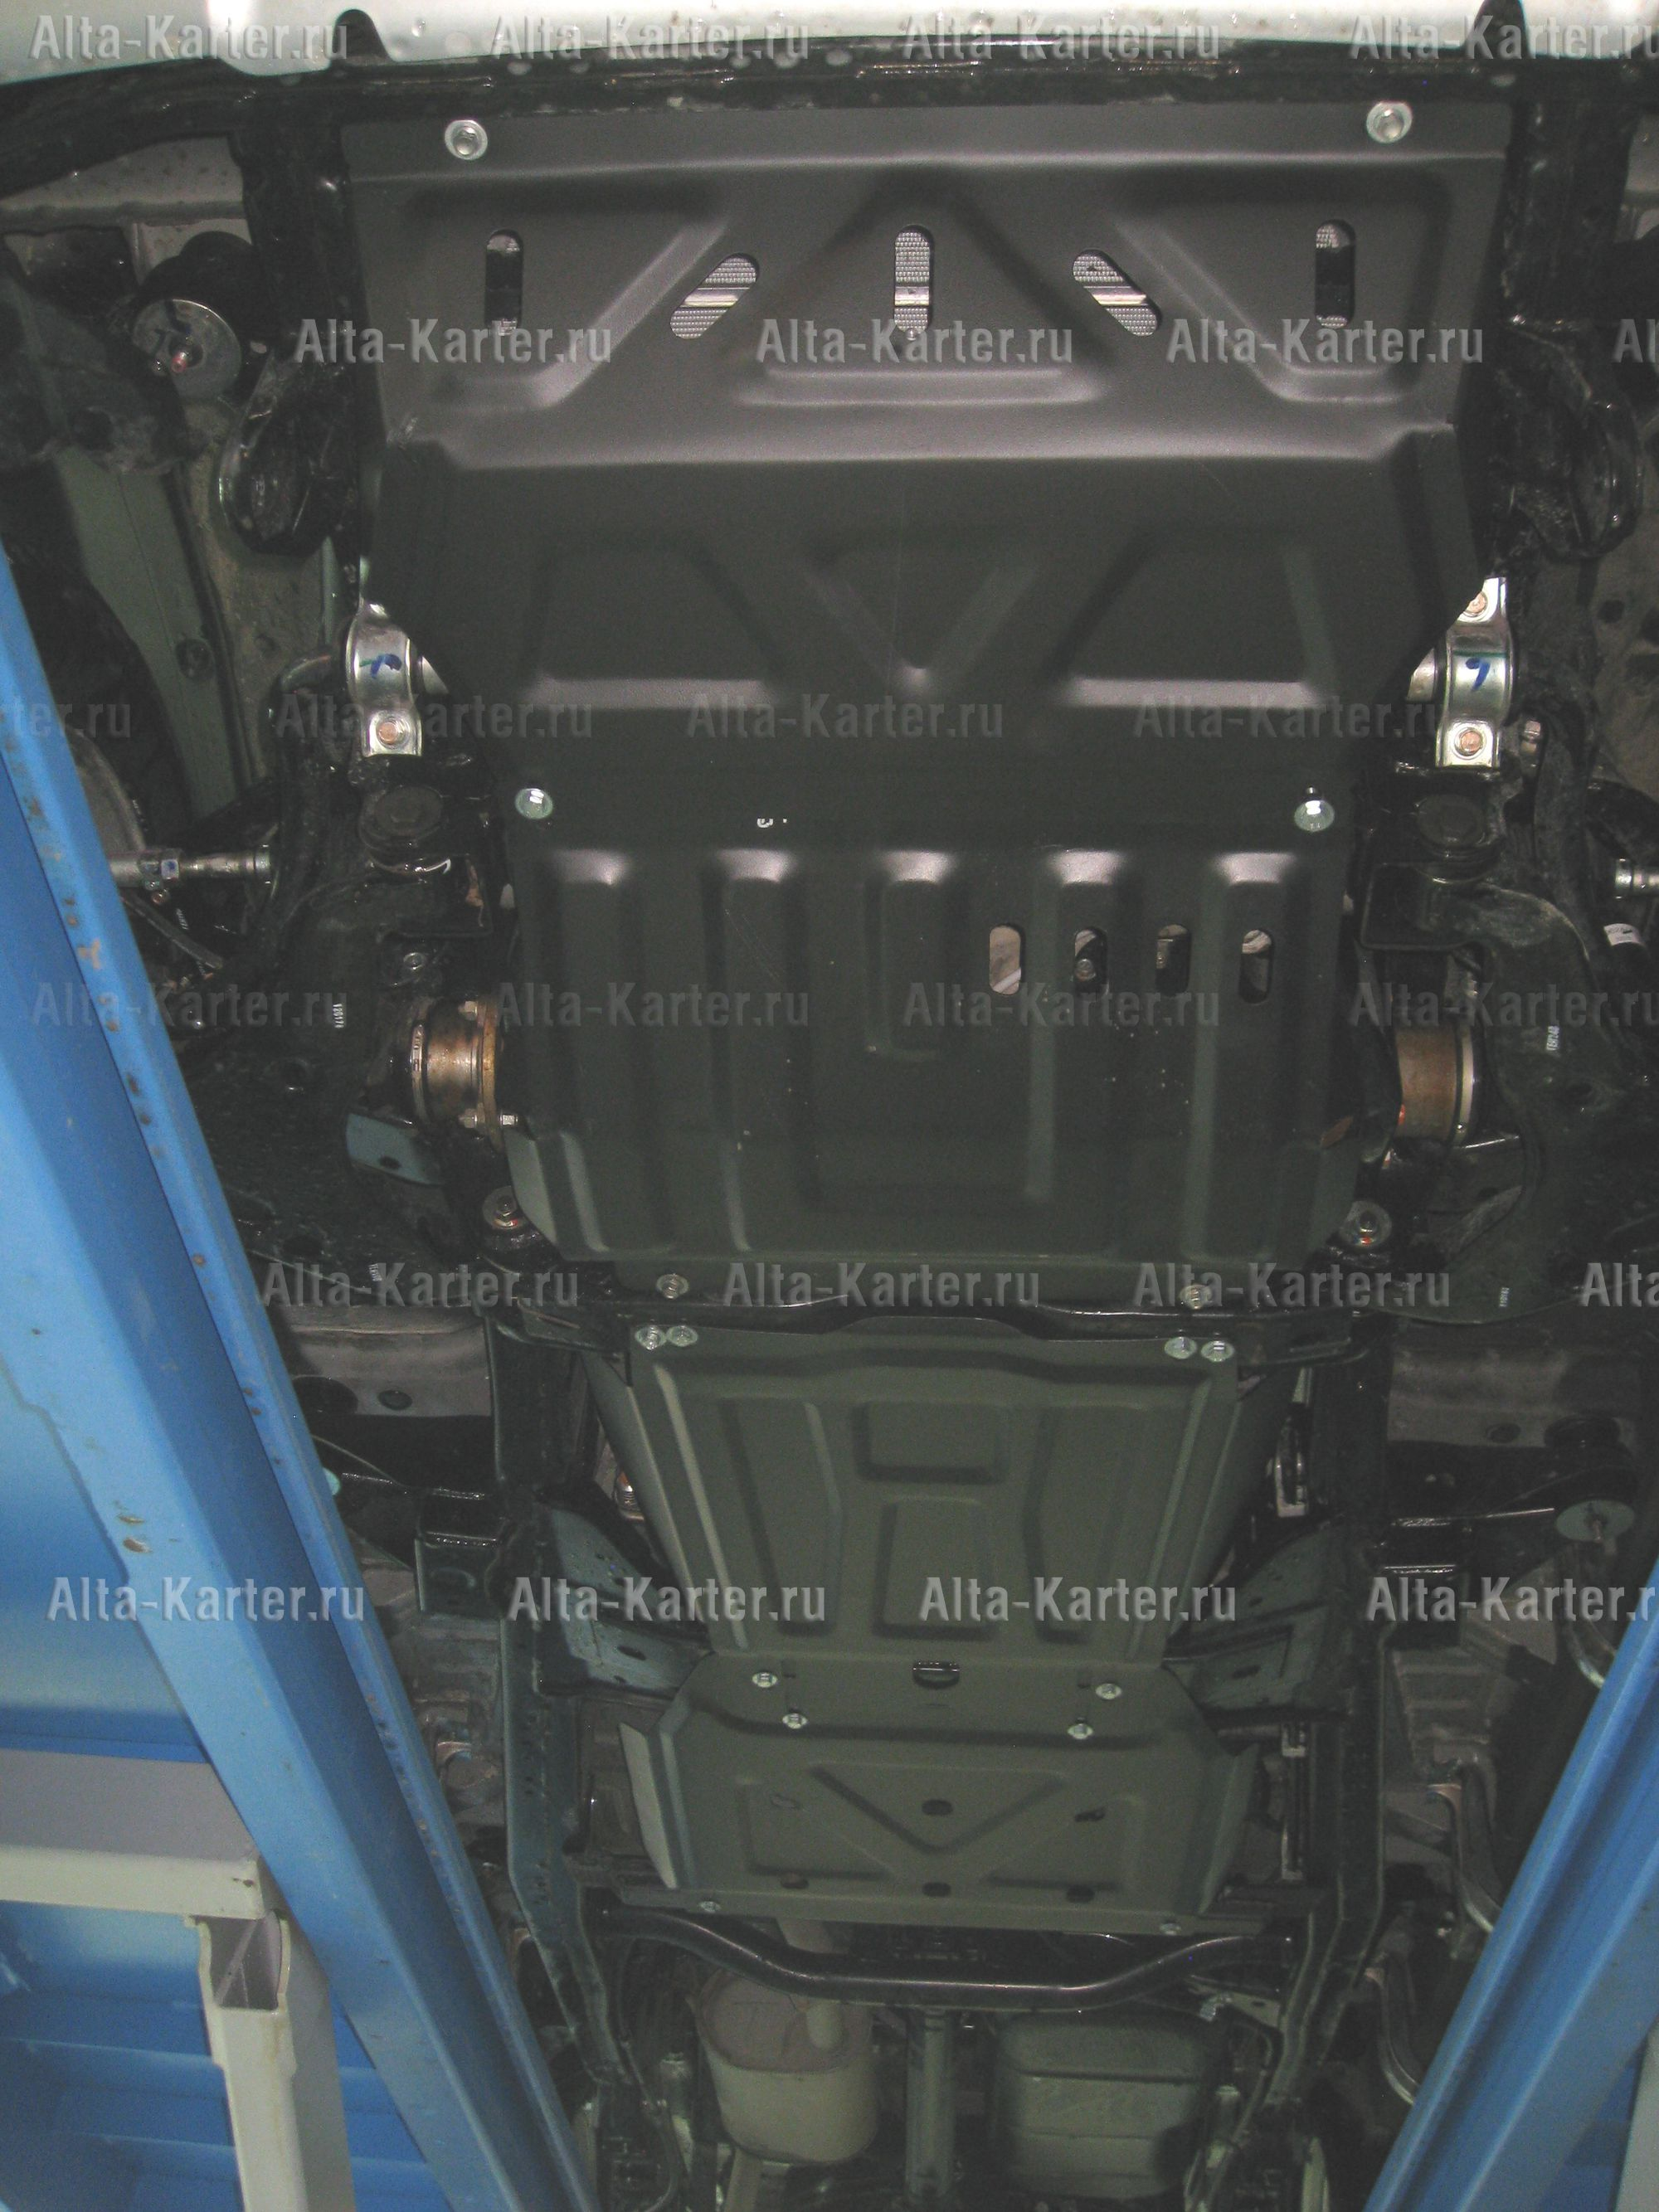 Защита Alfeco для радиатора, редуктора переднего моста, КПП и РК Mitsubishi L200 V facelift 2019-2021. Артикул ALF.14.43.1,47.2,48,49